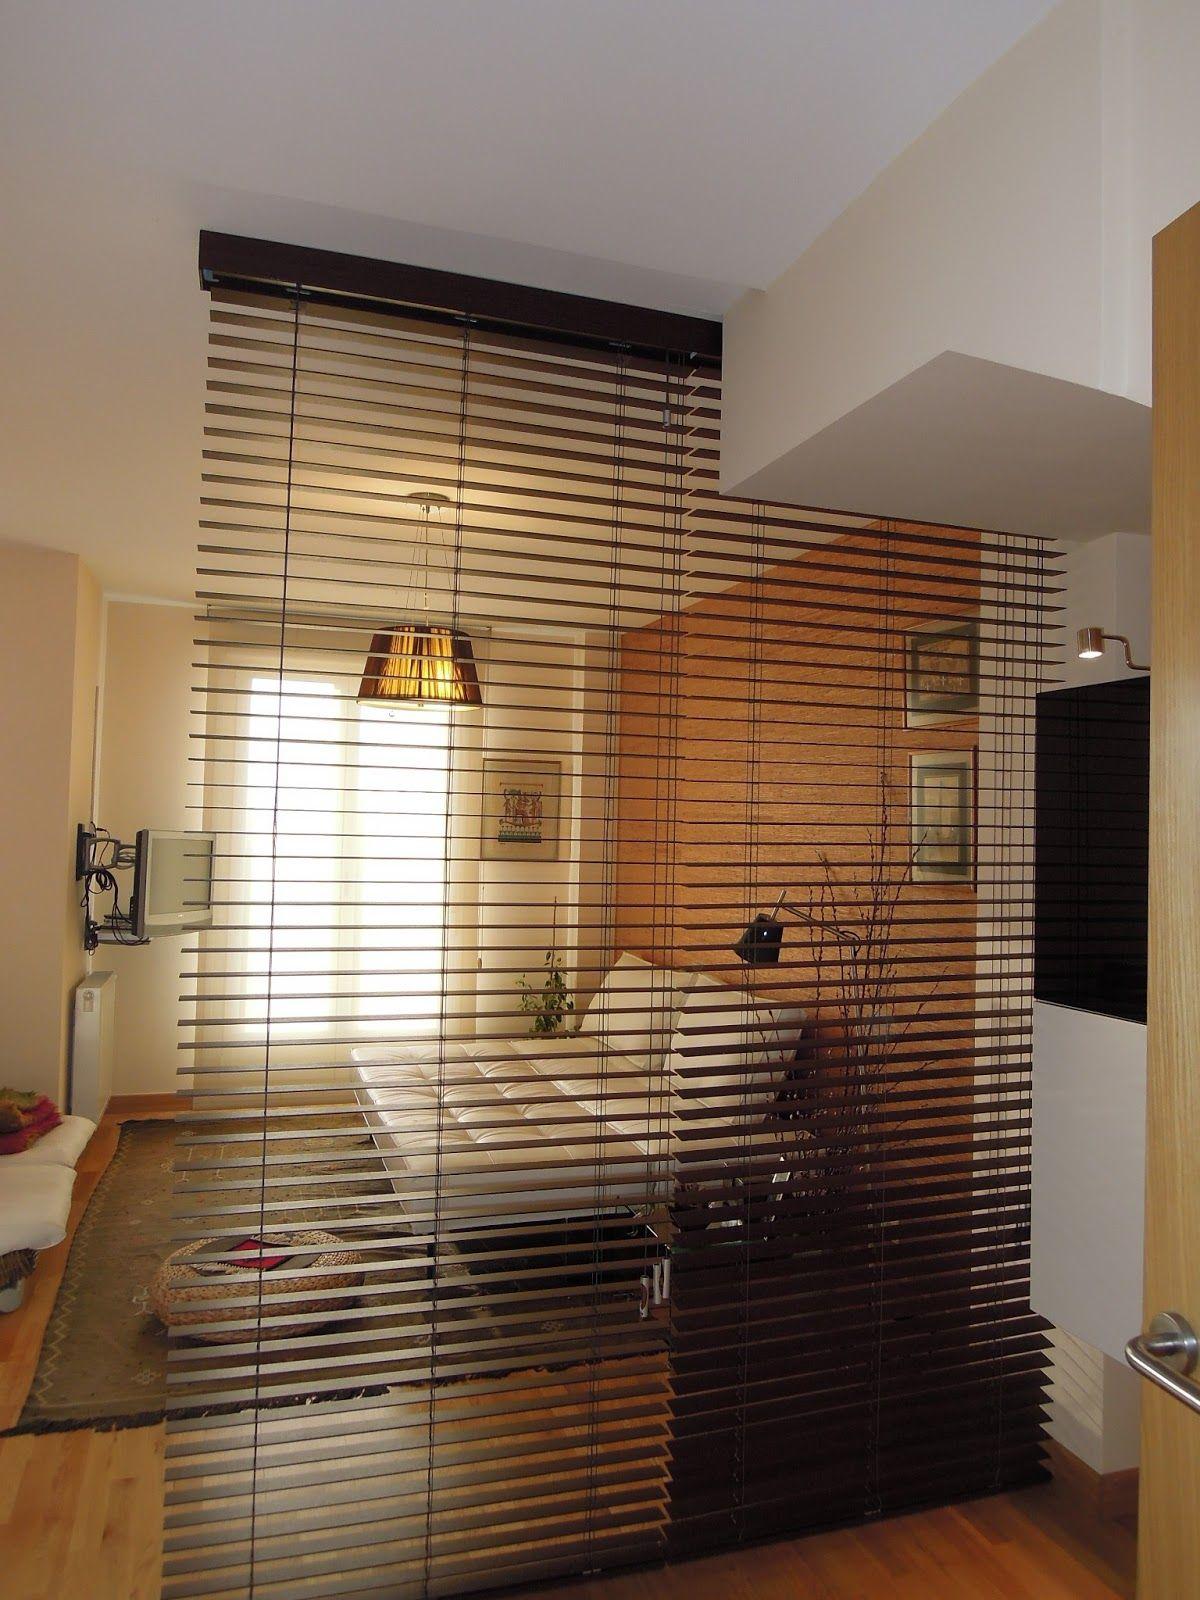 Fotos de cortinas salones 2013 separador ambiente diagonal pinterest cortinas cortinas - Paneles para separar espacios ...